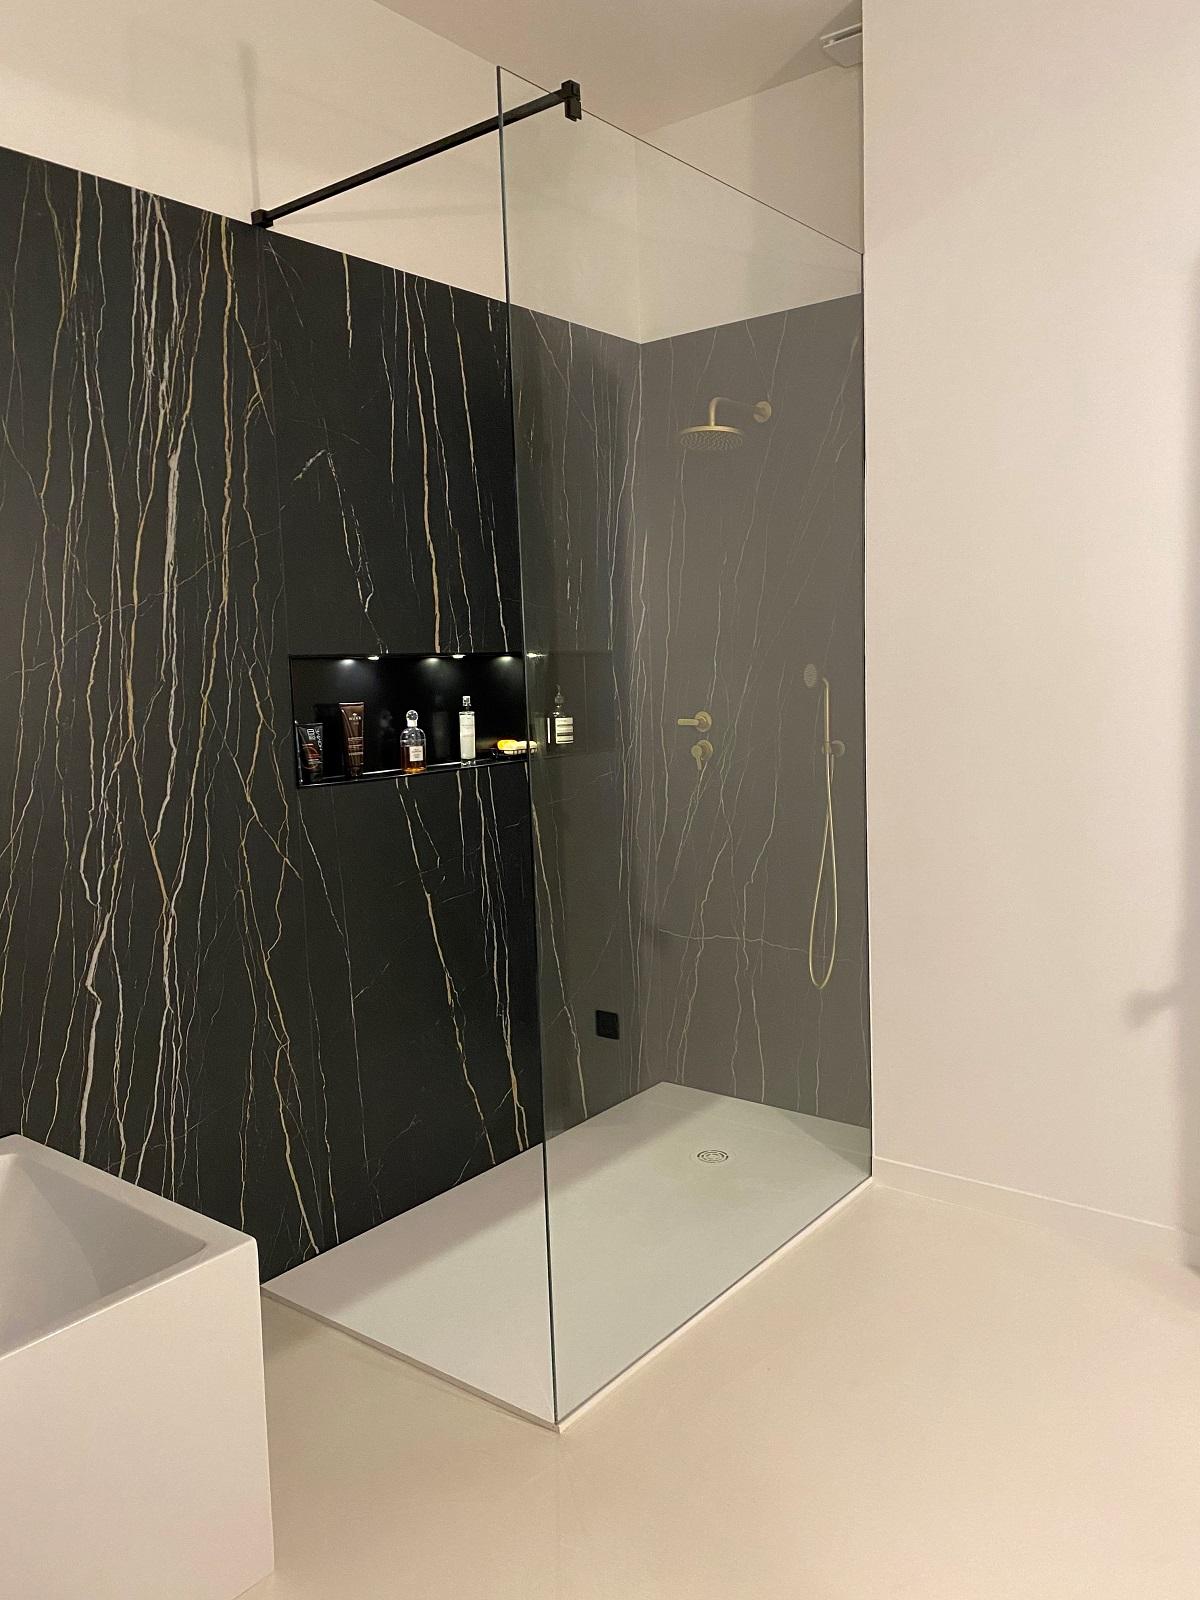 Paroi de douche sur mesure invisible à La Londe